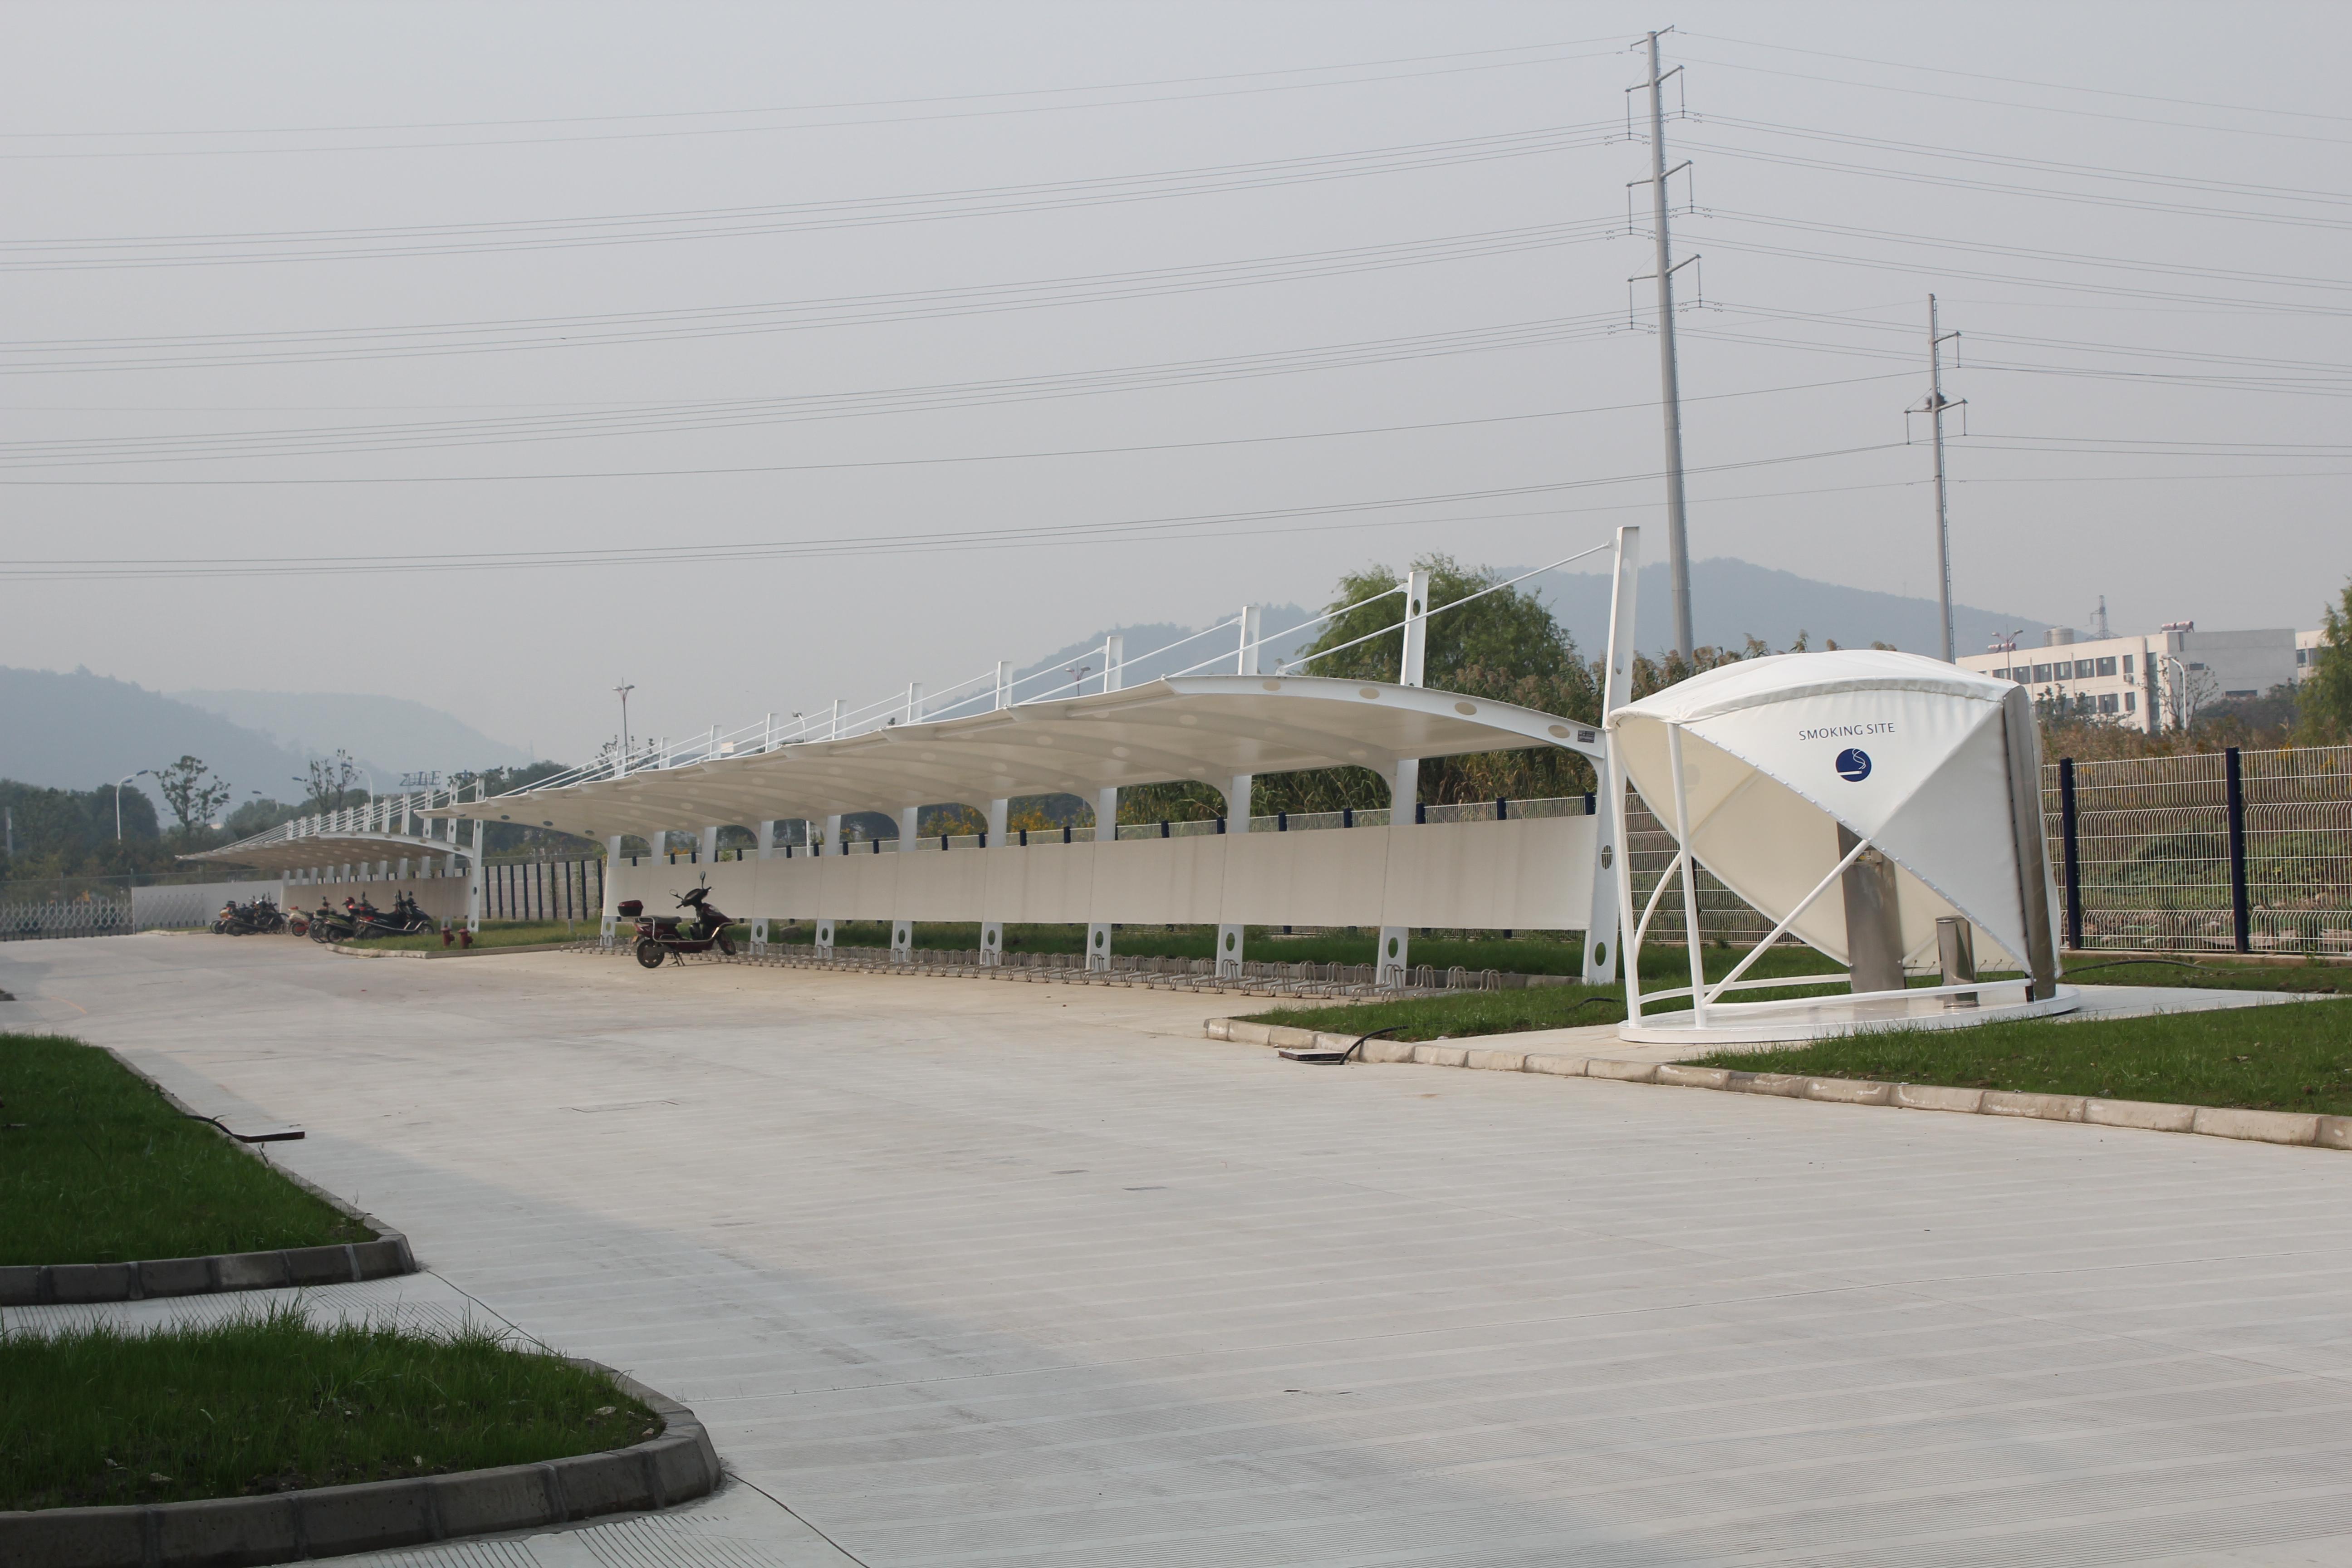 所有球形膜结构吸烟亭鼻祖 苏州川崎工厂球形吸烟亭